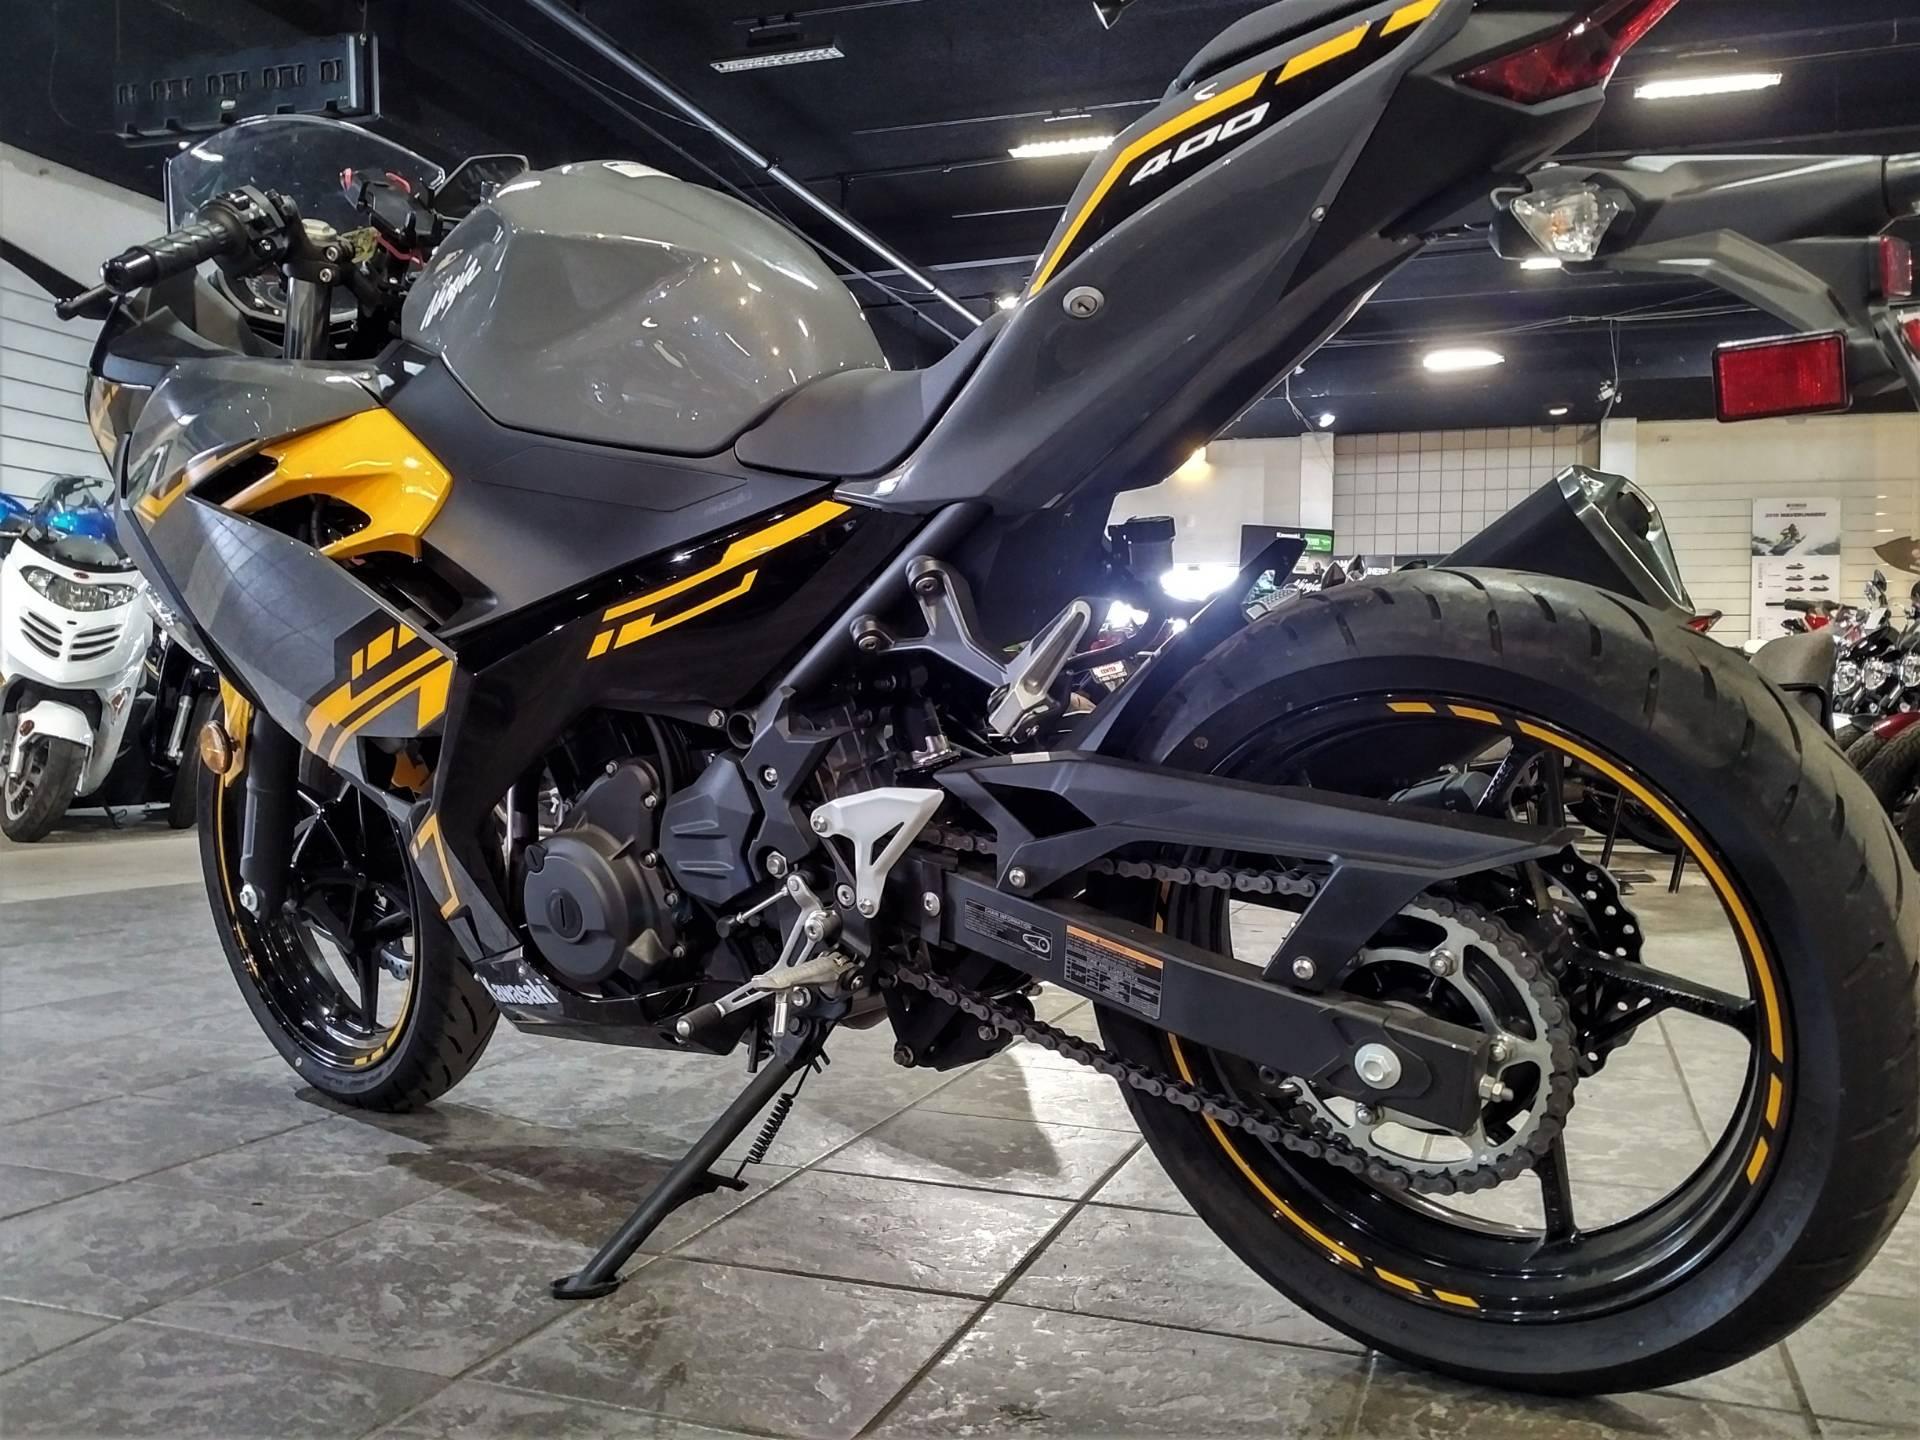 2018 Kawasaki Ninja 400 ABS 8